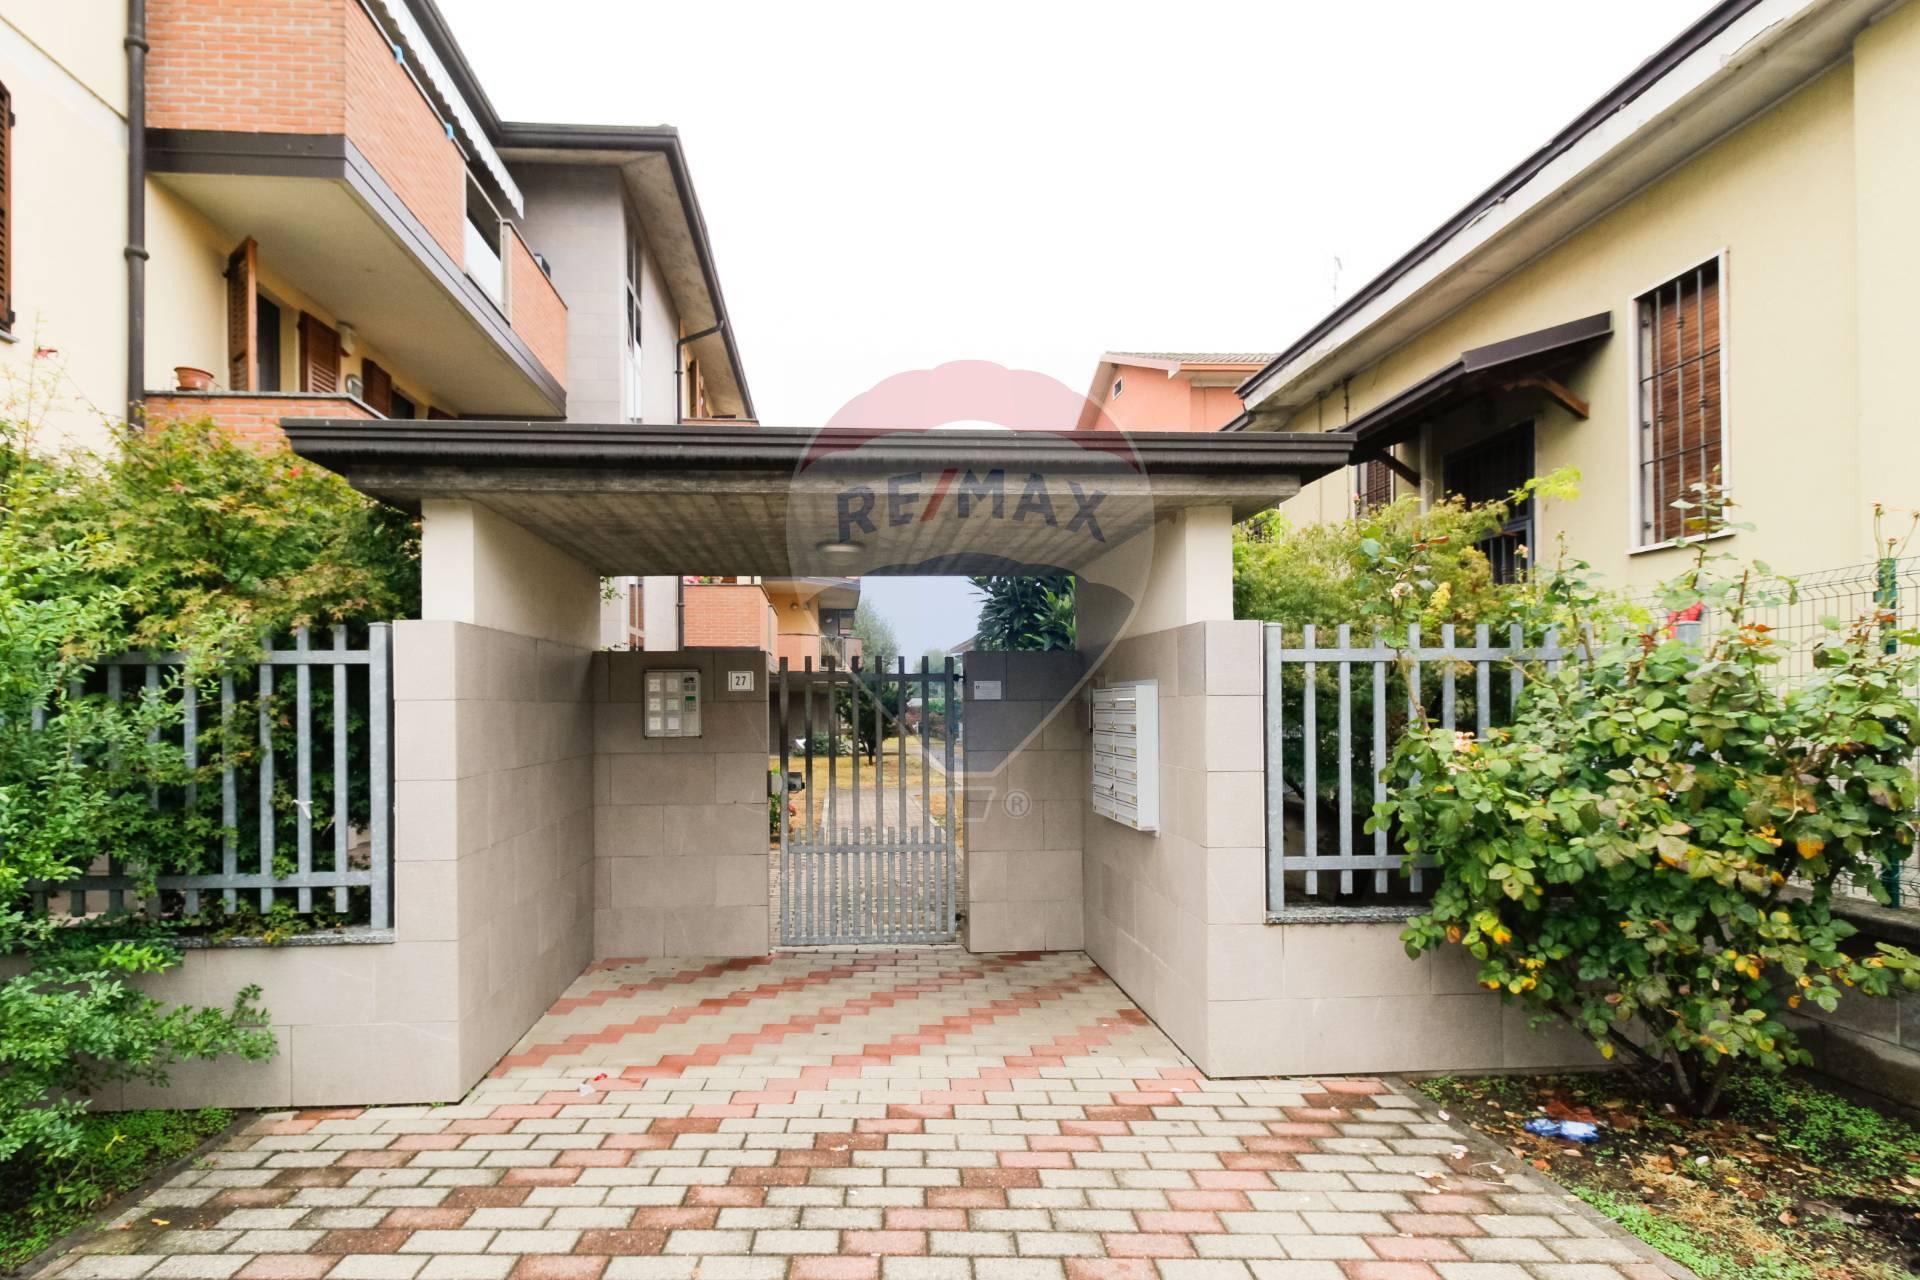 Appartamento in vendita a Valera Fratta, 2 locali, prezzo € 69.000 | CambioCasa.it